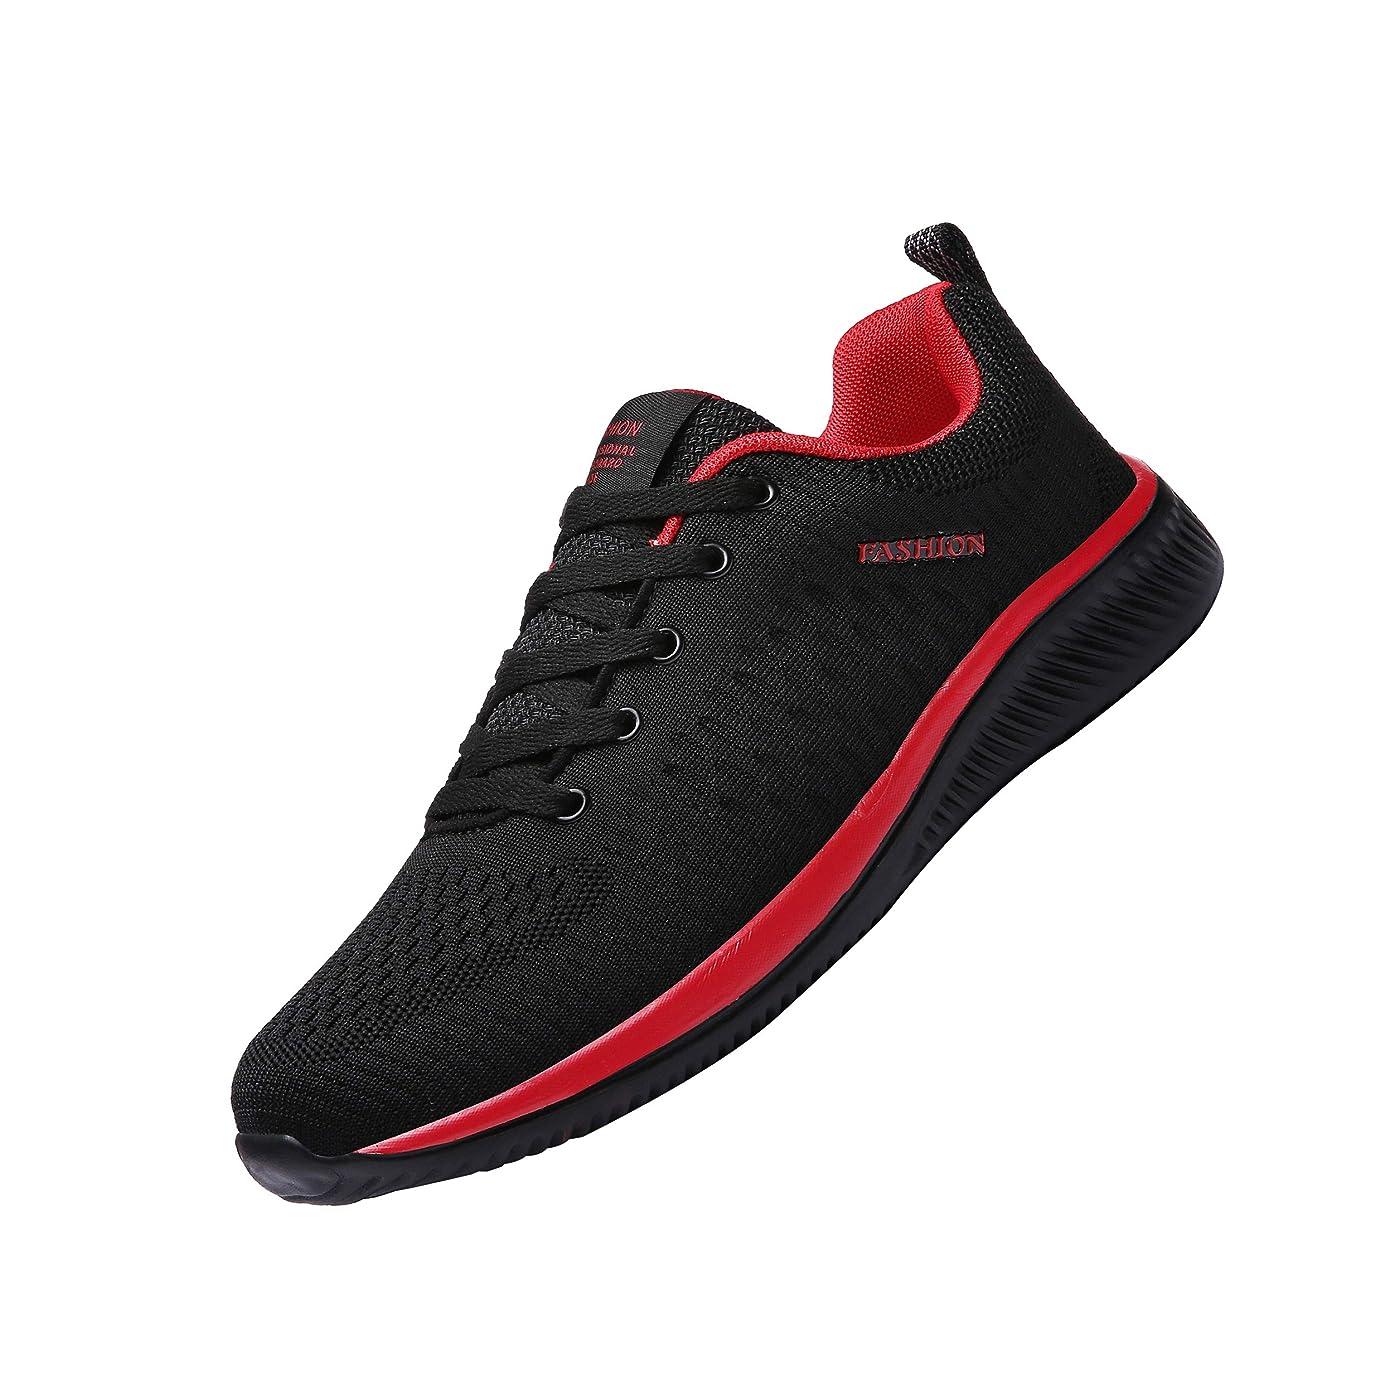 理想的にはぶどう路面電車[WLK] 新番 スニーカーシューズ ランニング ウォーキングシューズ 軽量スポーツ フィットネス トレーニングシューズ クッション性 メンズ ジム靴 運動靴 通勤 通学 日常着用 25.0CM-28CM